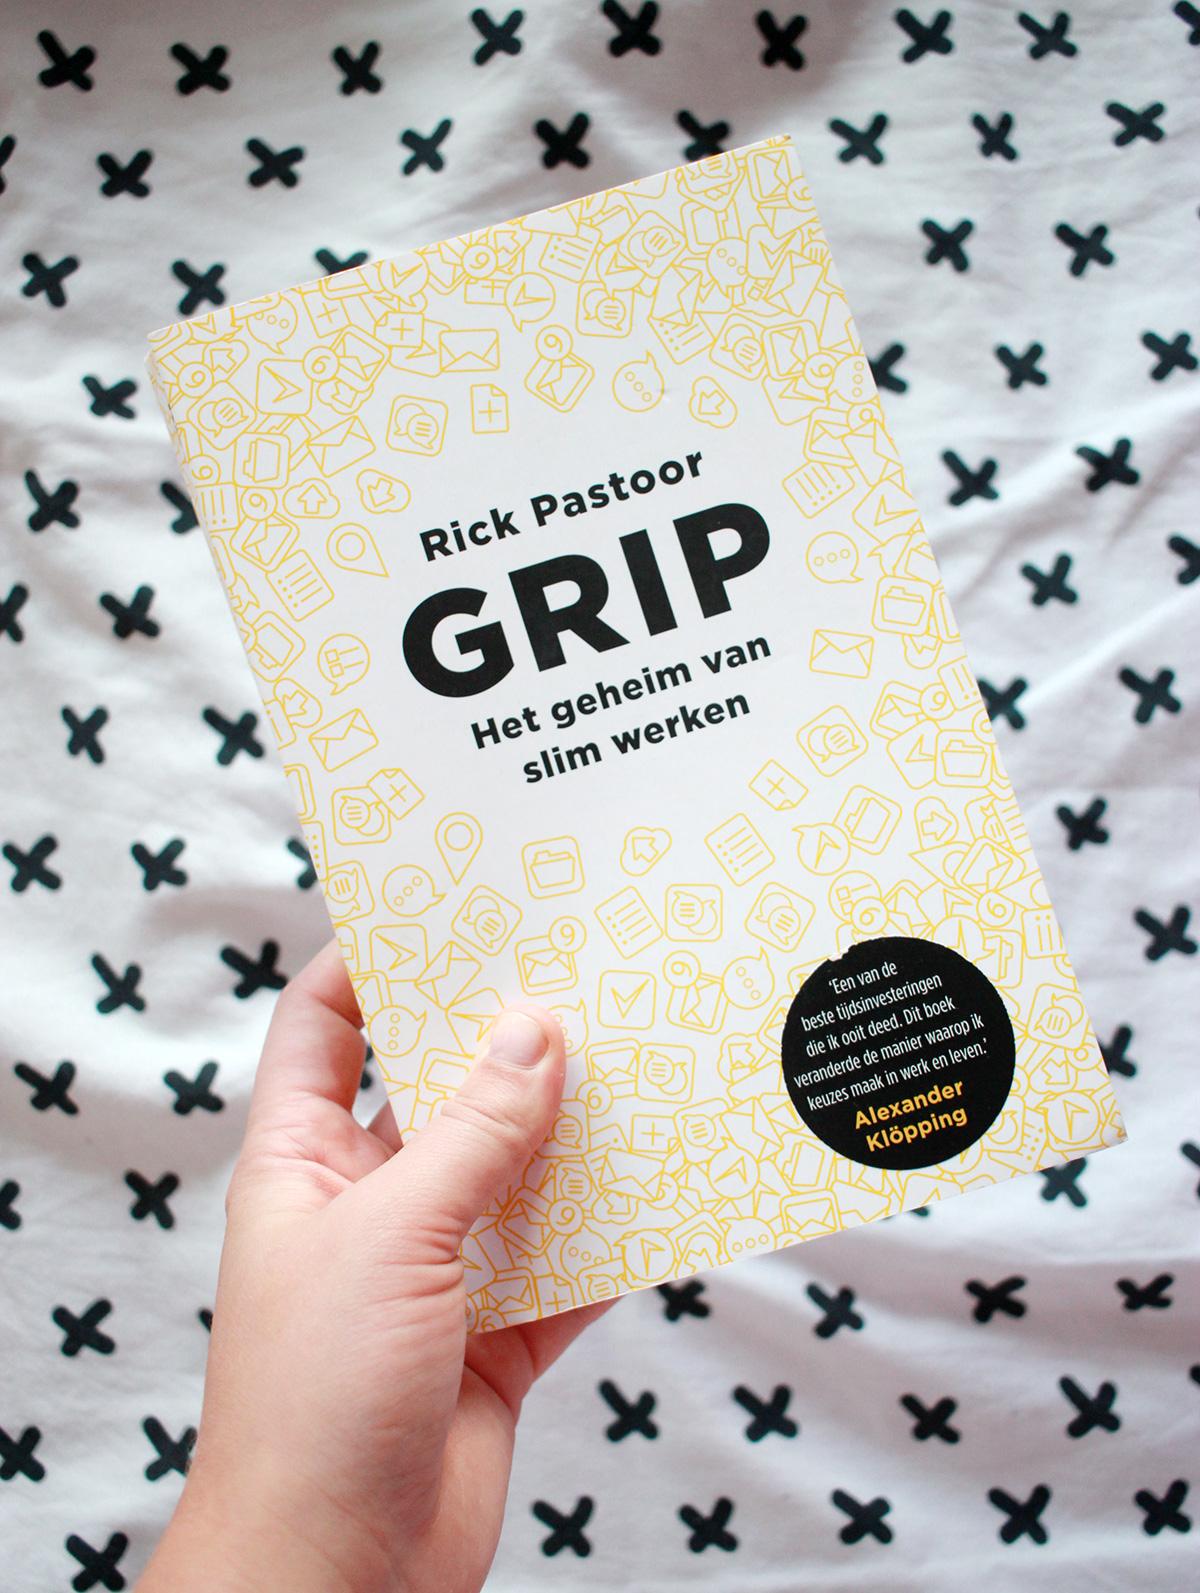 Rick Pastoor Grip Review